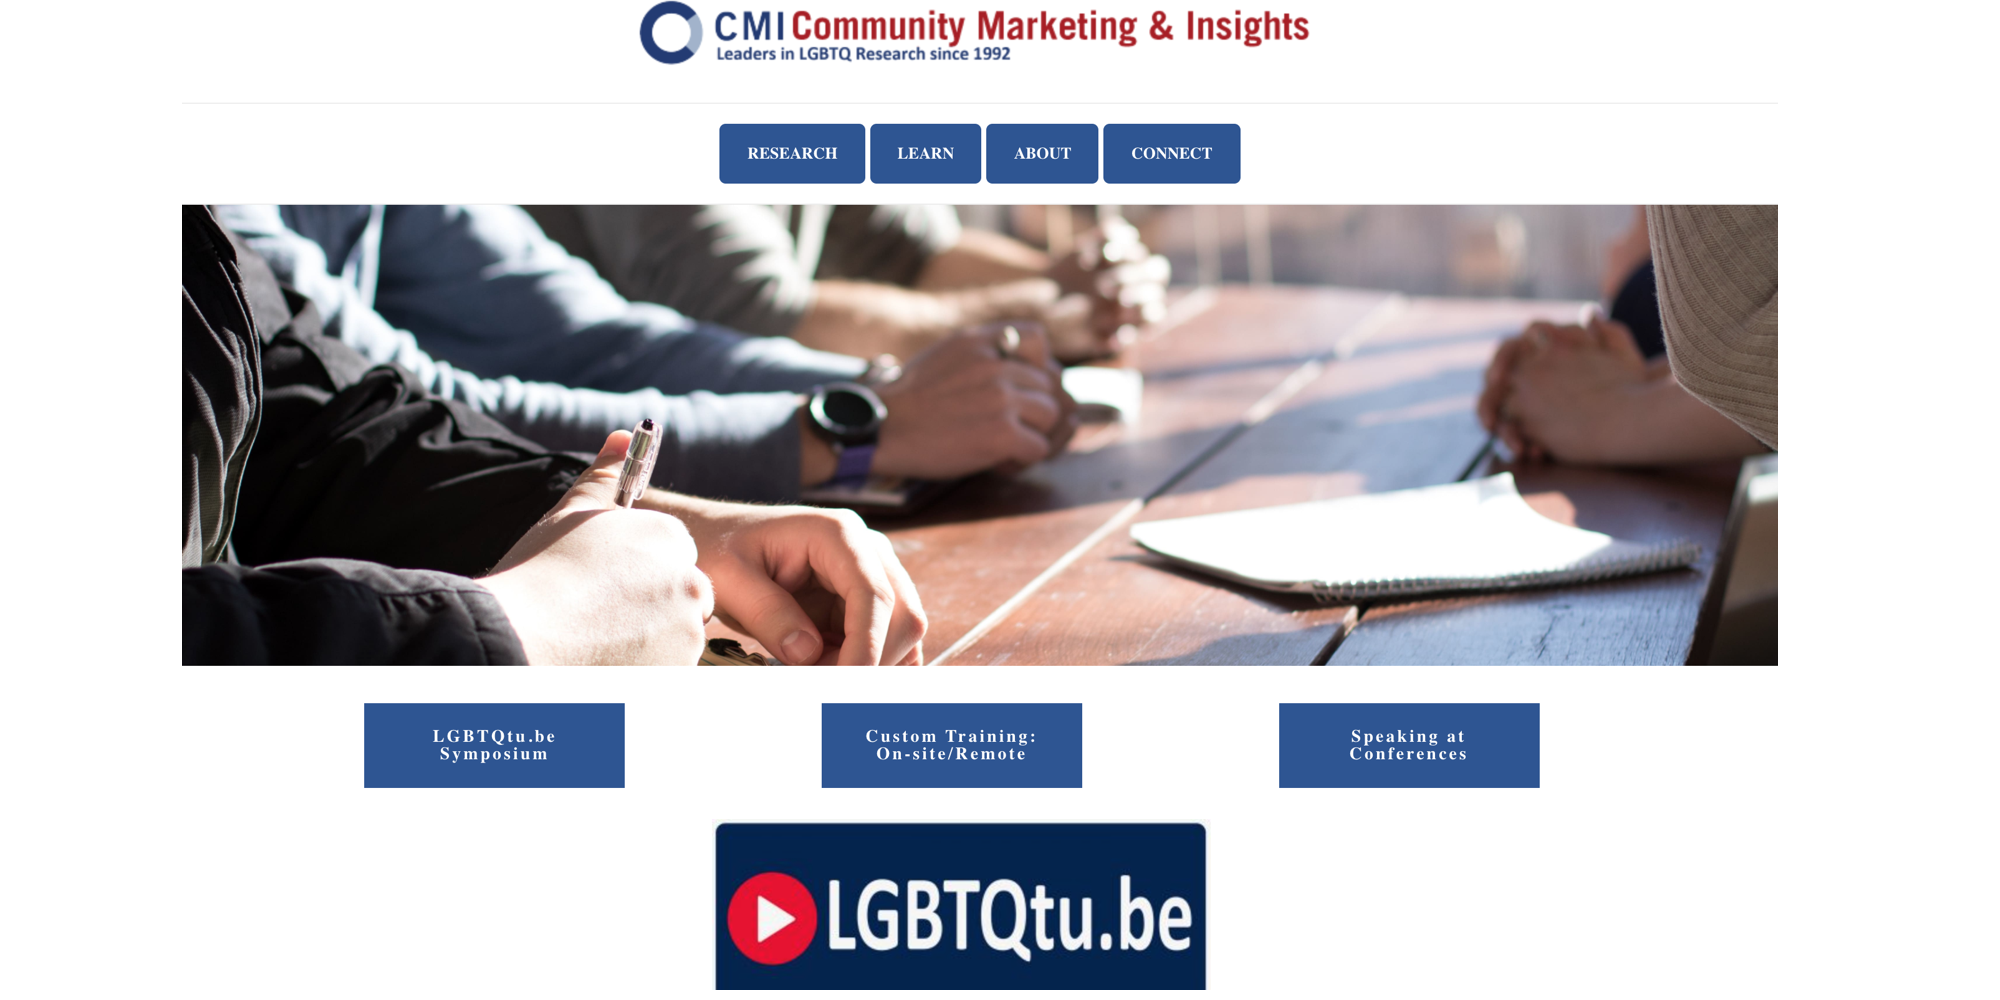 CMI's LGBTQ Marketing & Advertising Symposium